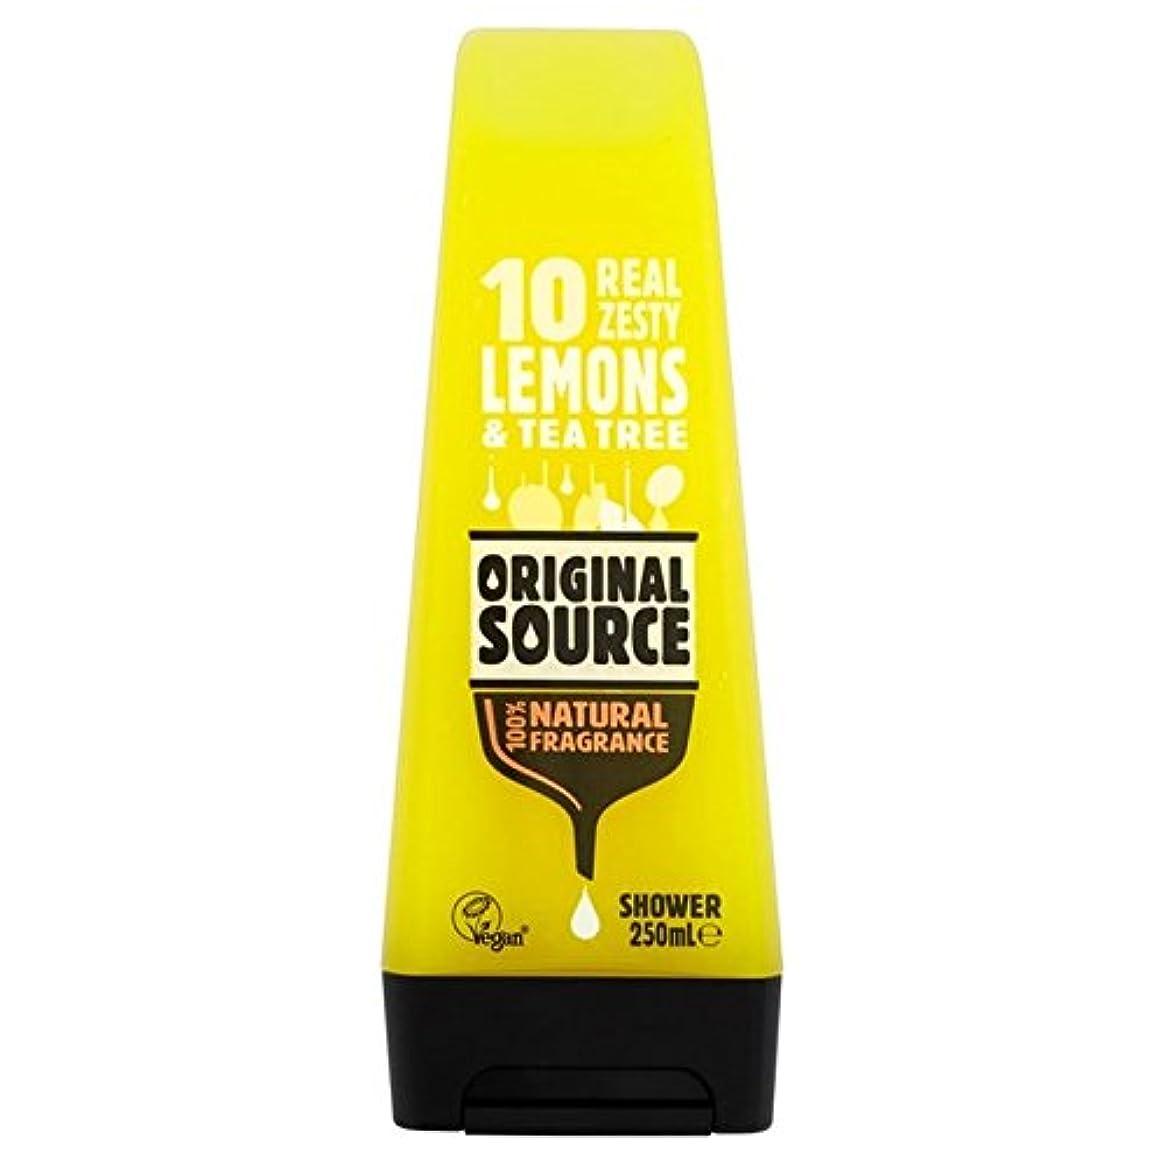 ダイエット埋めるアスペクト元のソースのレモンシャワージェル250ミリリットル x4 - Original Source Lemon Shower Gel 250ml (Pack of 4) [並行輸入品]